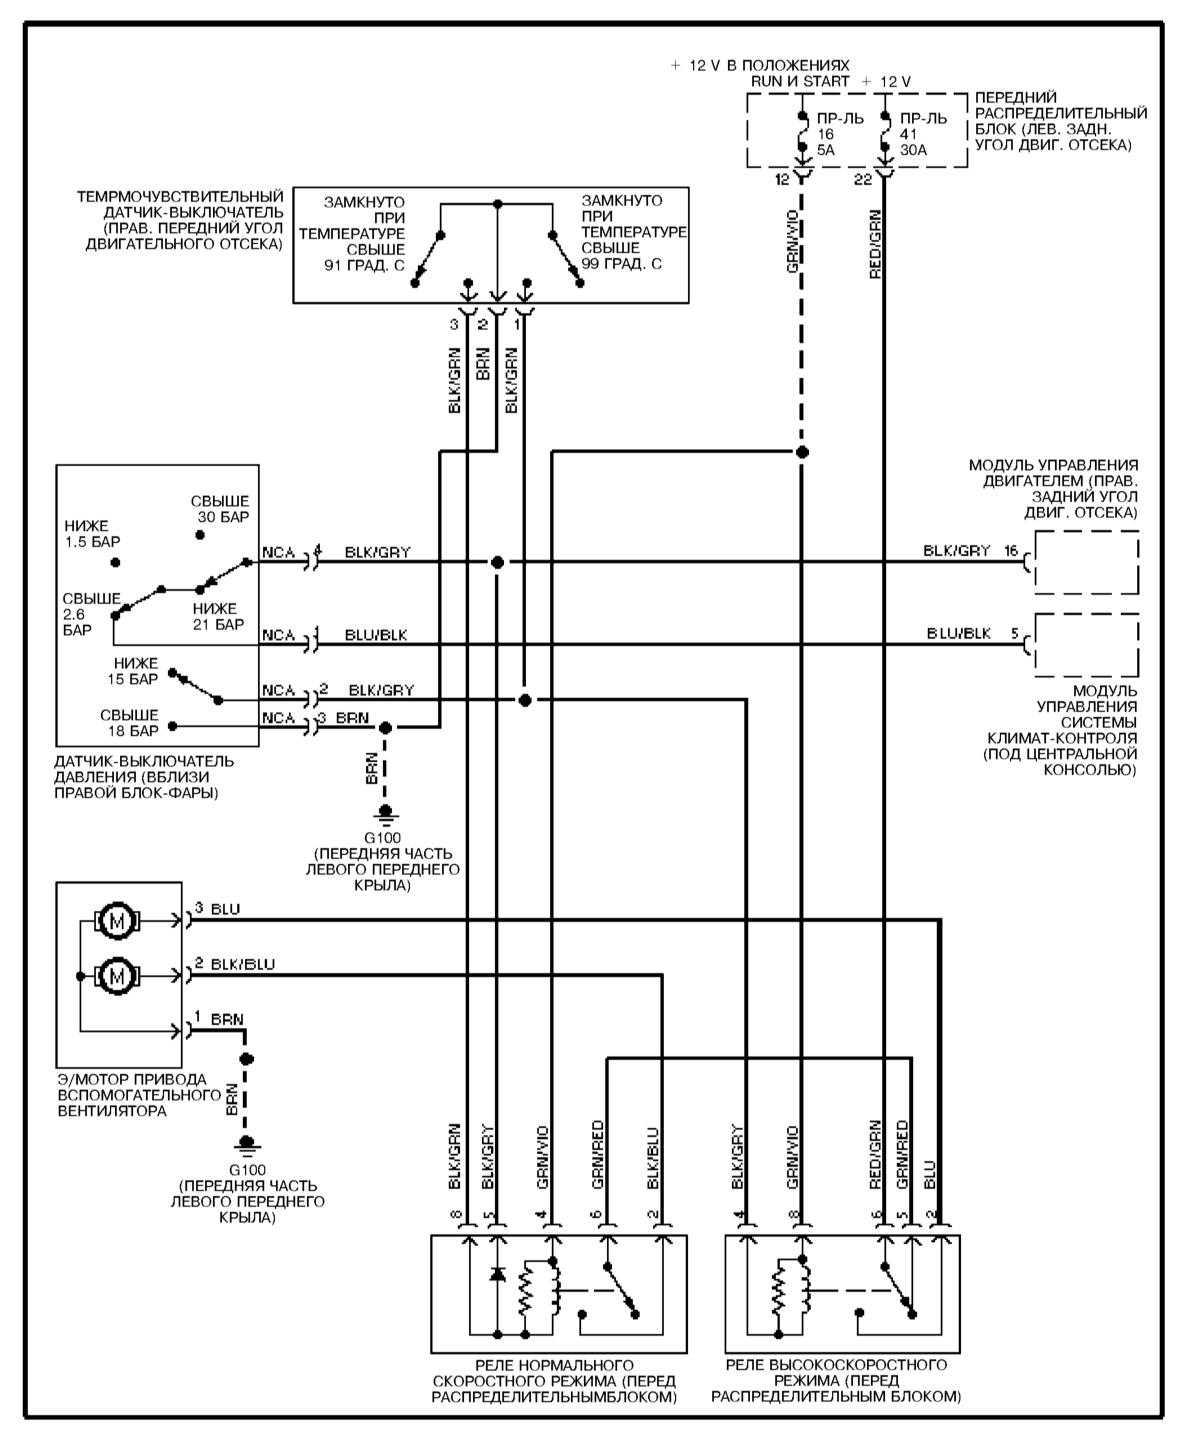 схема проводки крайслер вояджер 2005 г